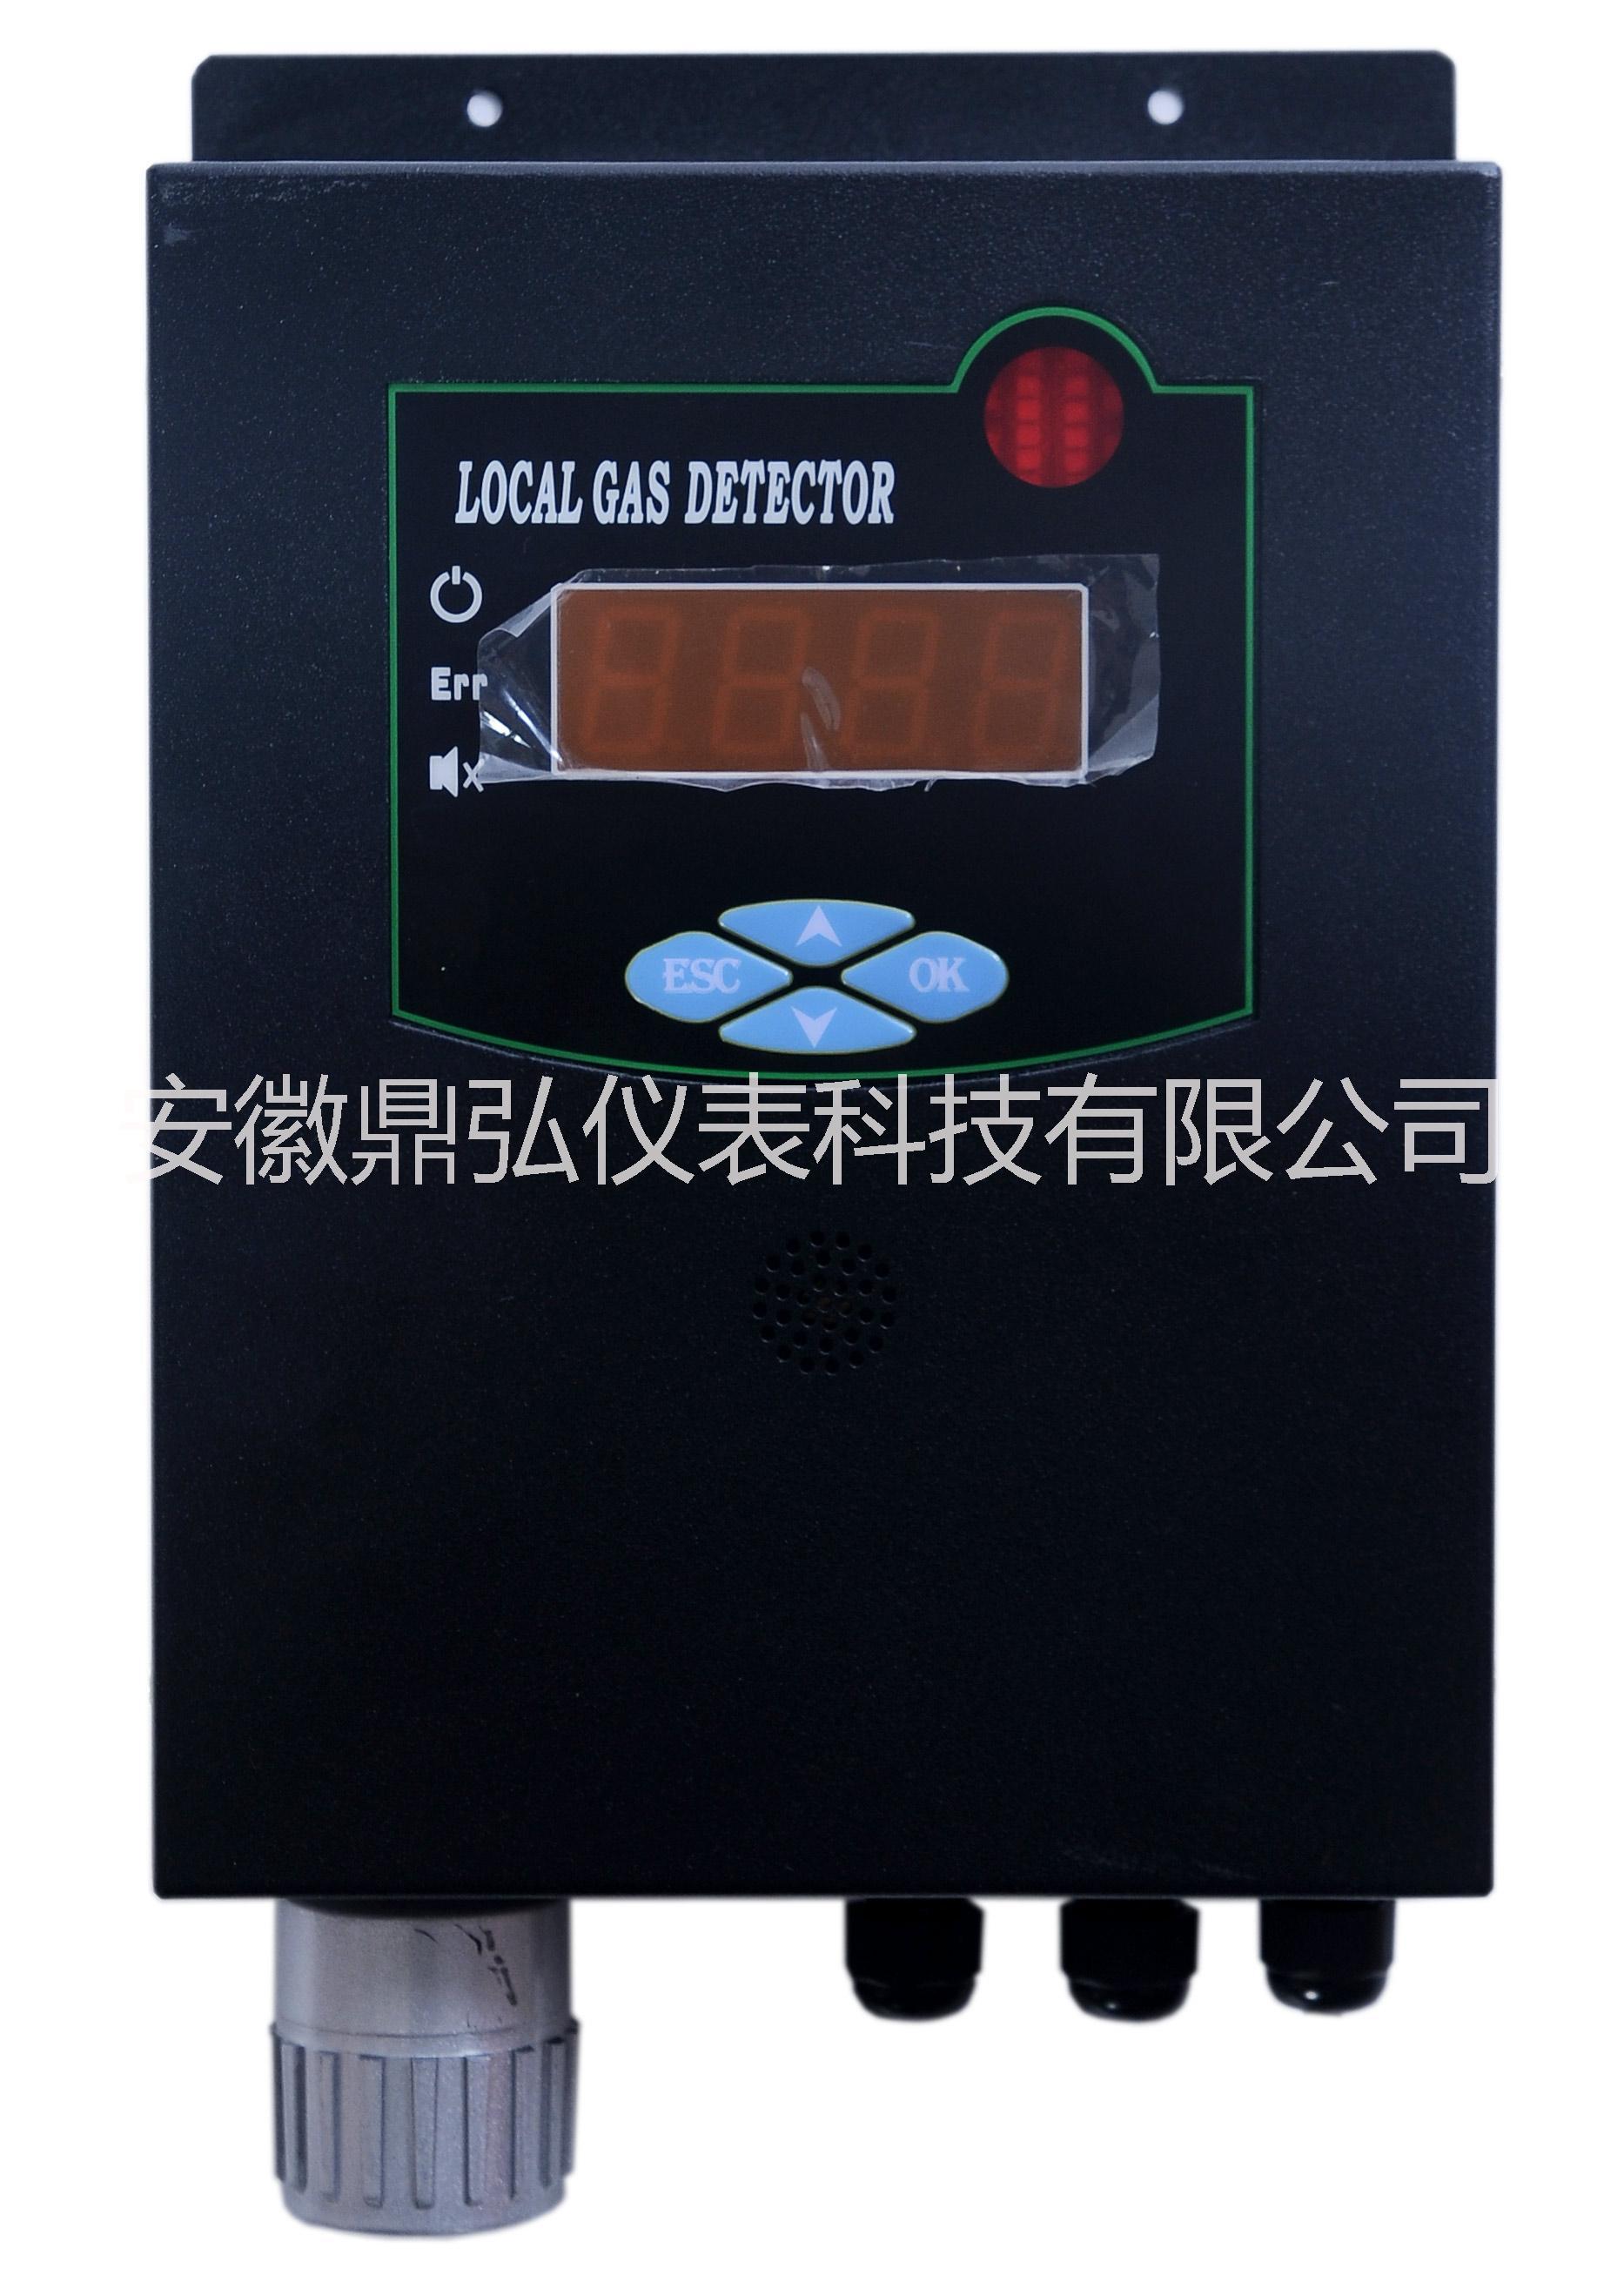 可燃气体检测仪图片/可燃气体检测仪样板图 (2)